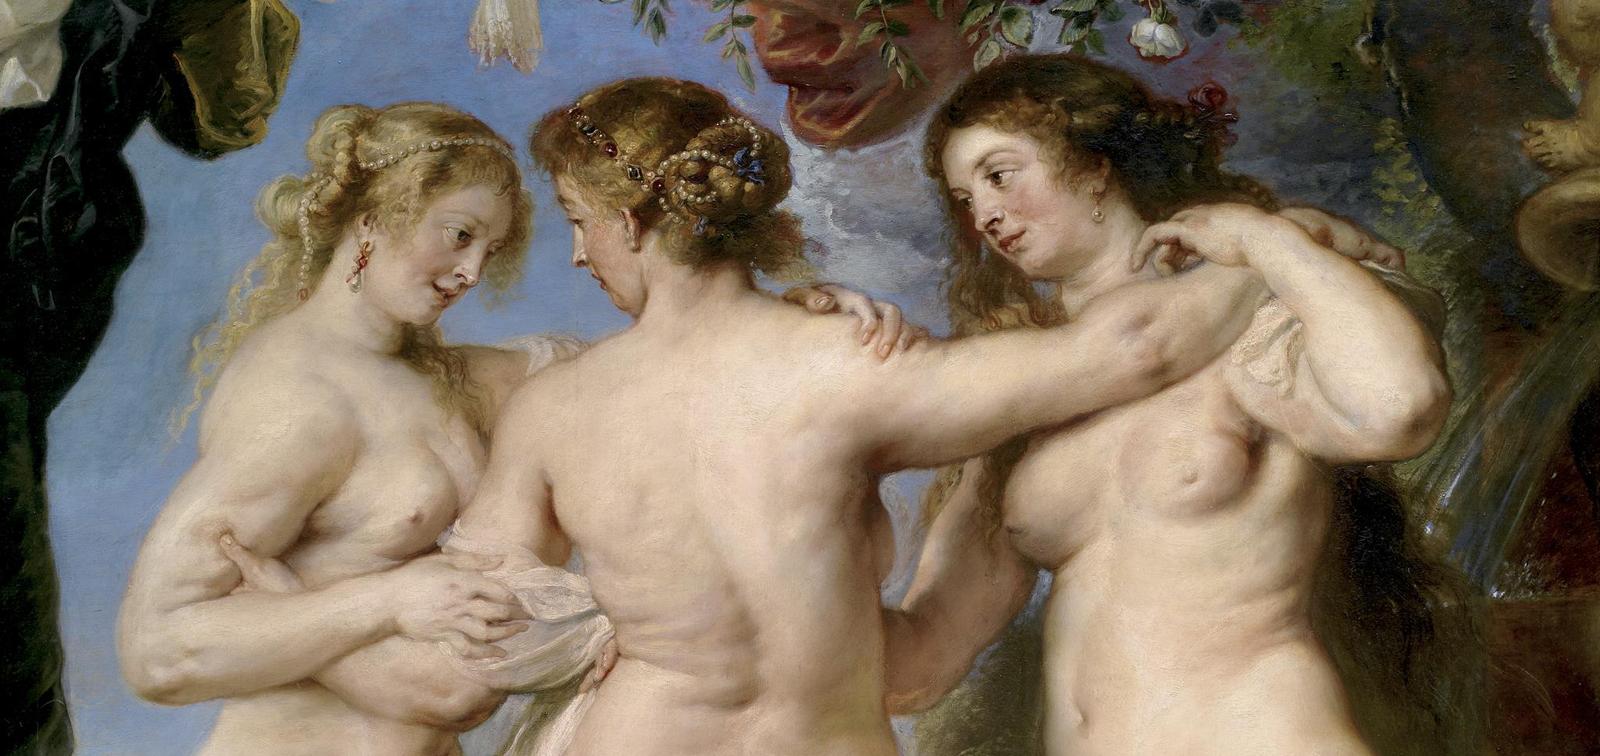 Exposición didáctica: el Museo del Prado en Guatemala